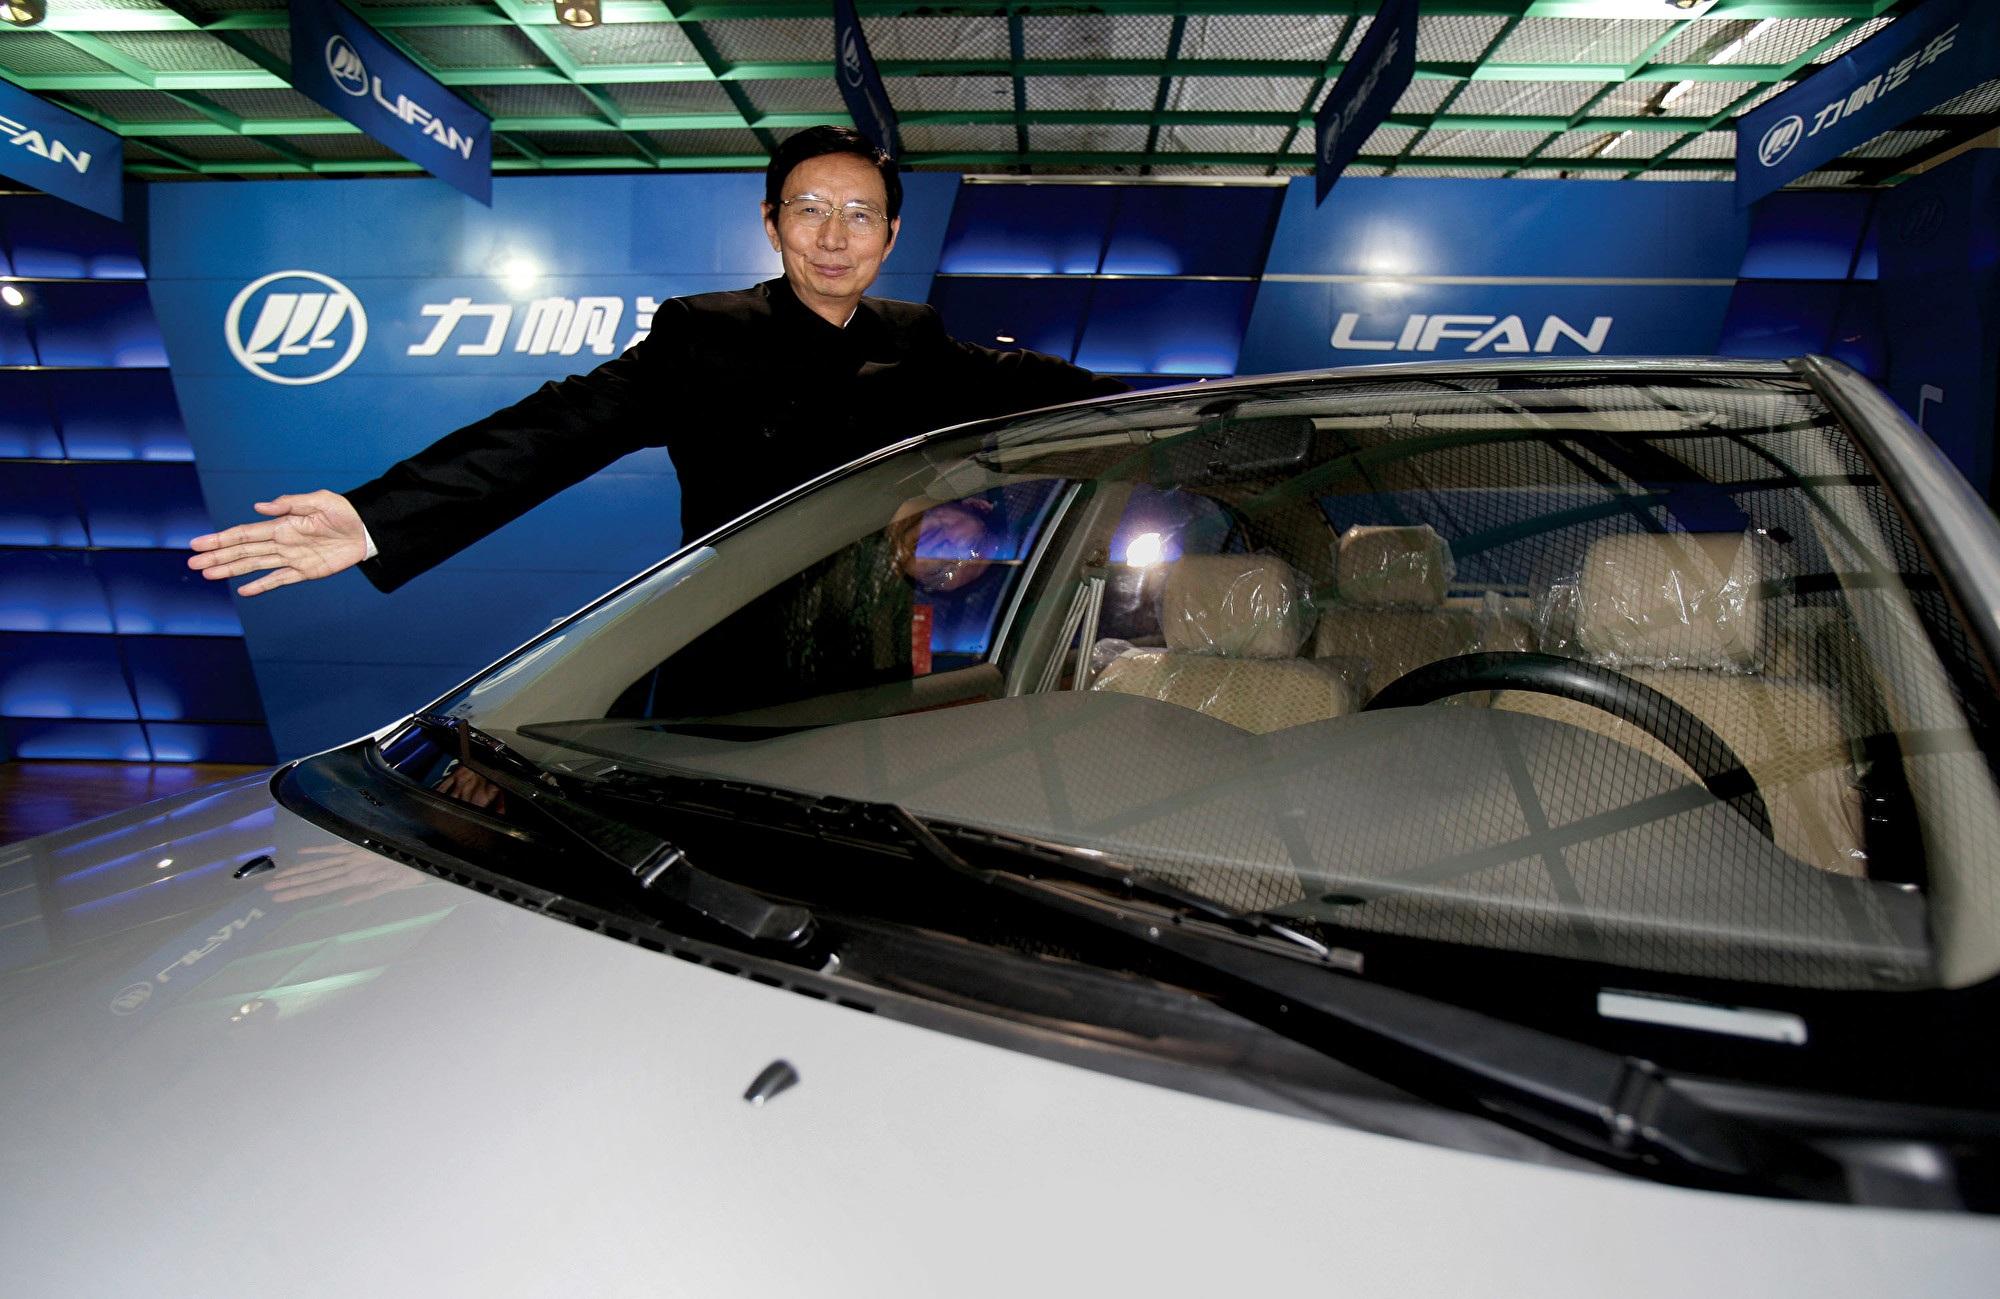 Инь Миншань – основатель бренда Lifan